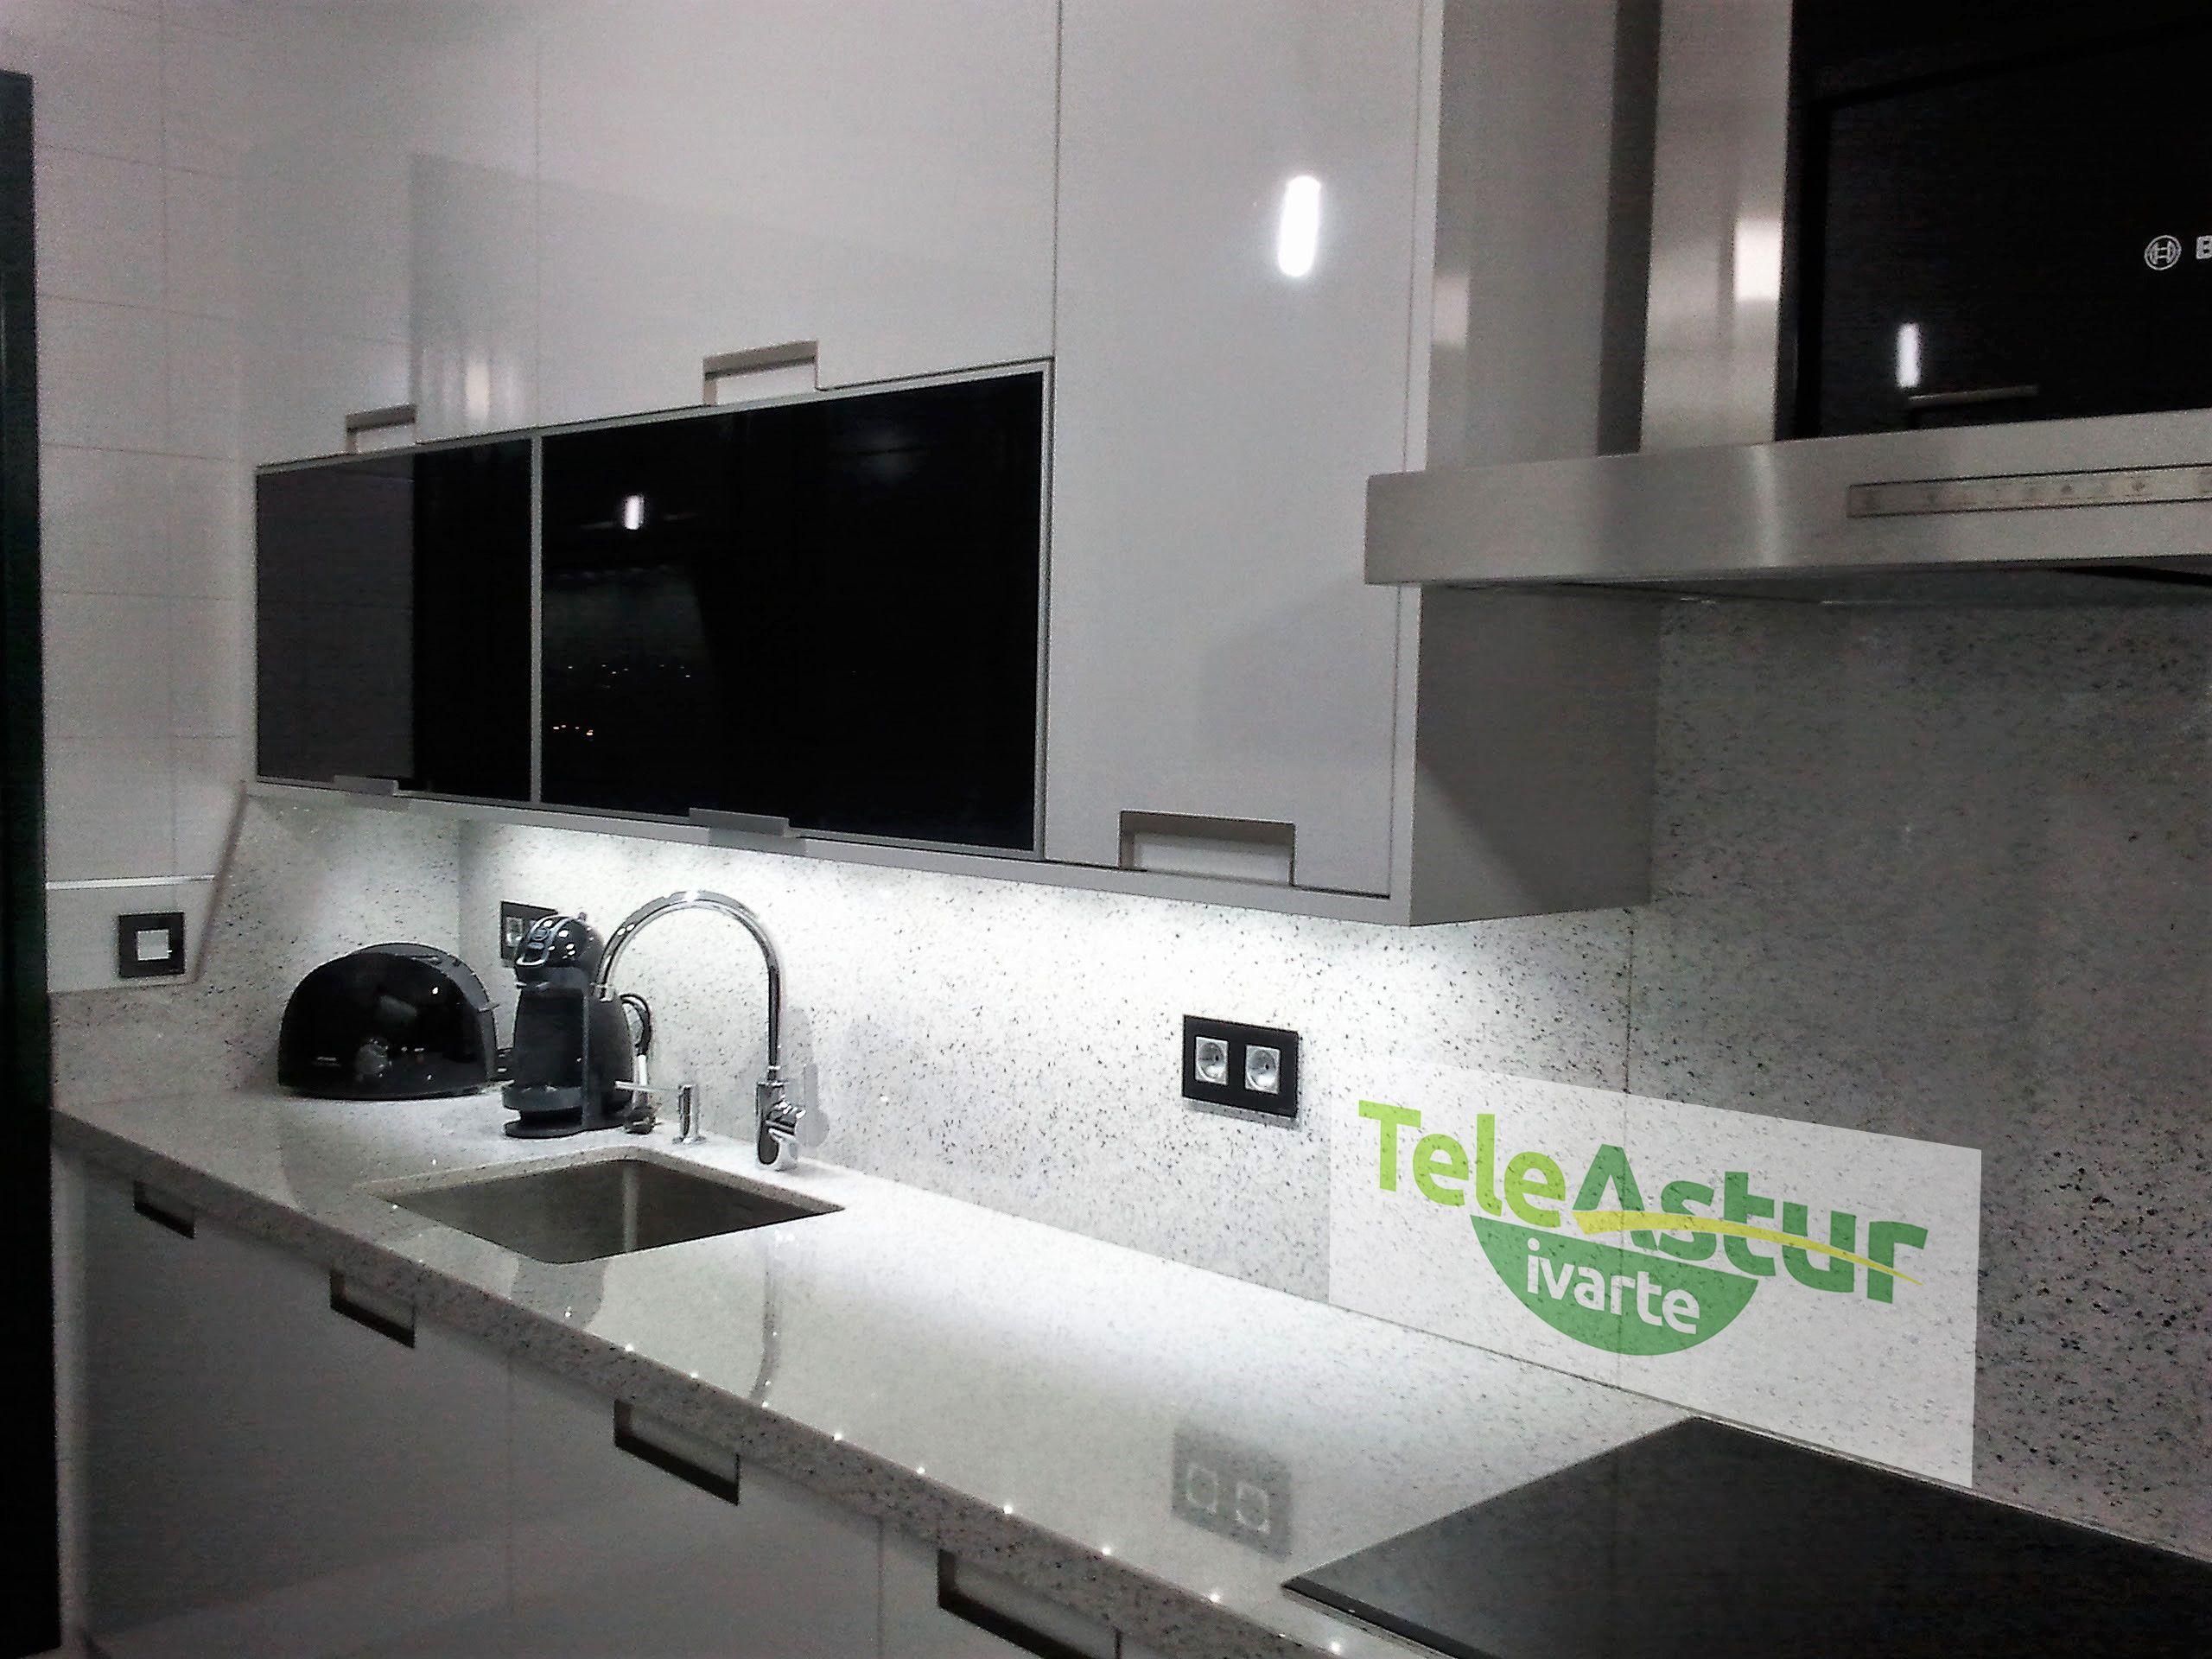 Cocina En Alto Brillo Blanco Tiradores De Acero Y Luces Bajo Muebles Altos Www Teleastur Es Muebles Brillo Blanco Minimalismo Decoracion